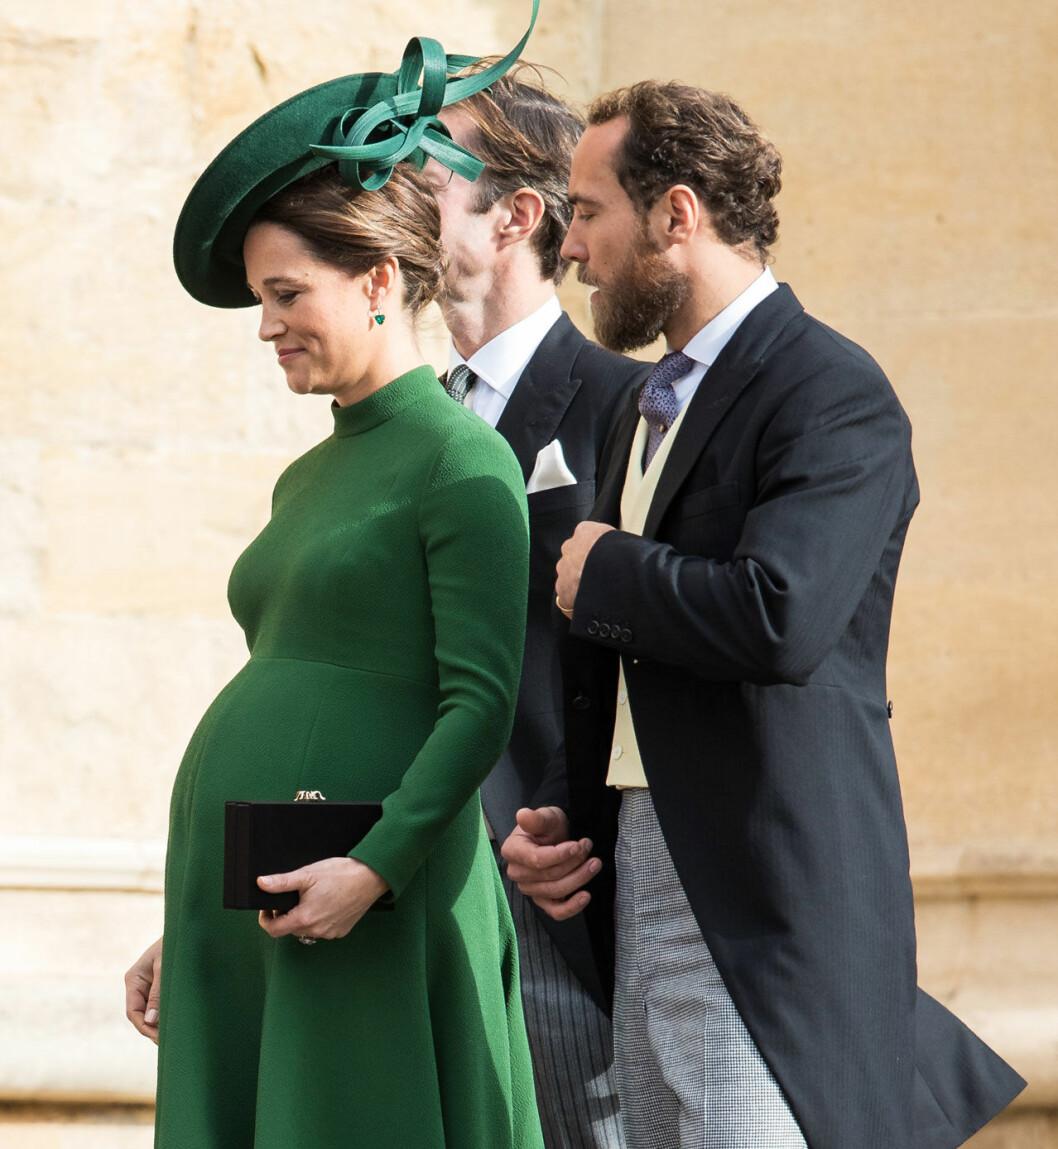 I fredags var höggravida Pippa Middleton och hennes man James på kungligt bröllop. Idag har paret fått sitt första barn.